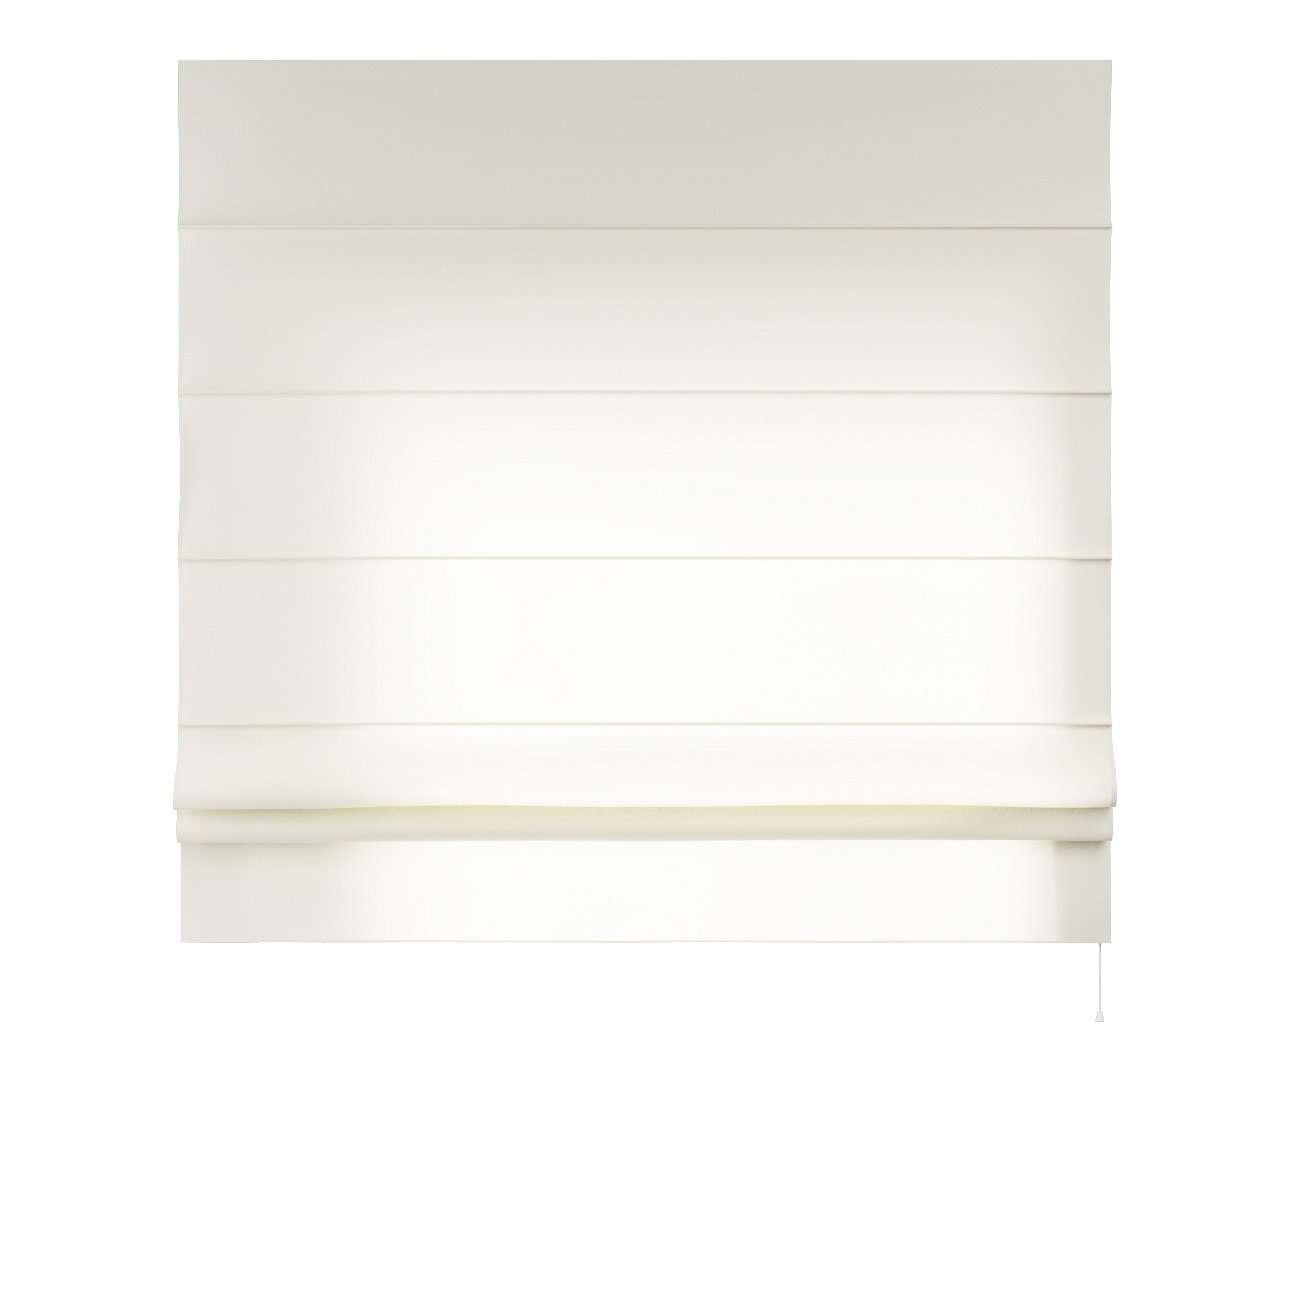 Raffrollo Padva 80 x 170 cm von der Kollektion Jupiter, Stoff: 127-00